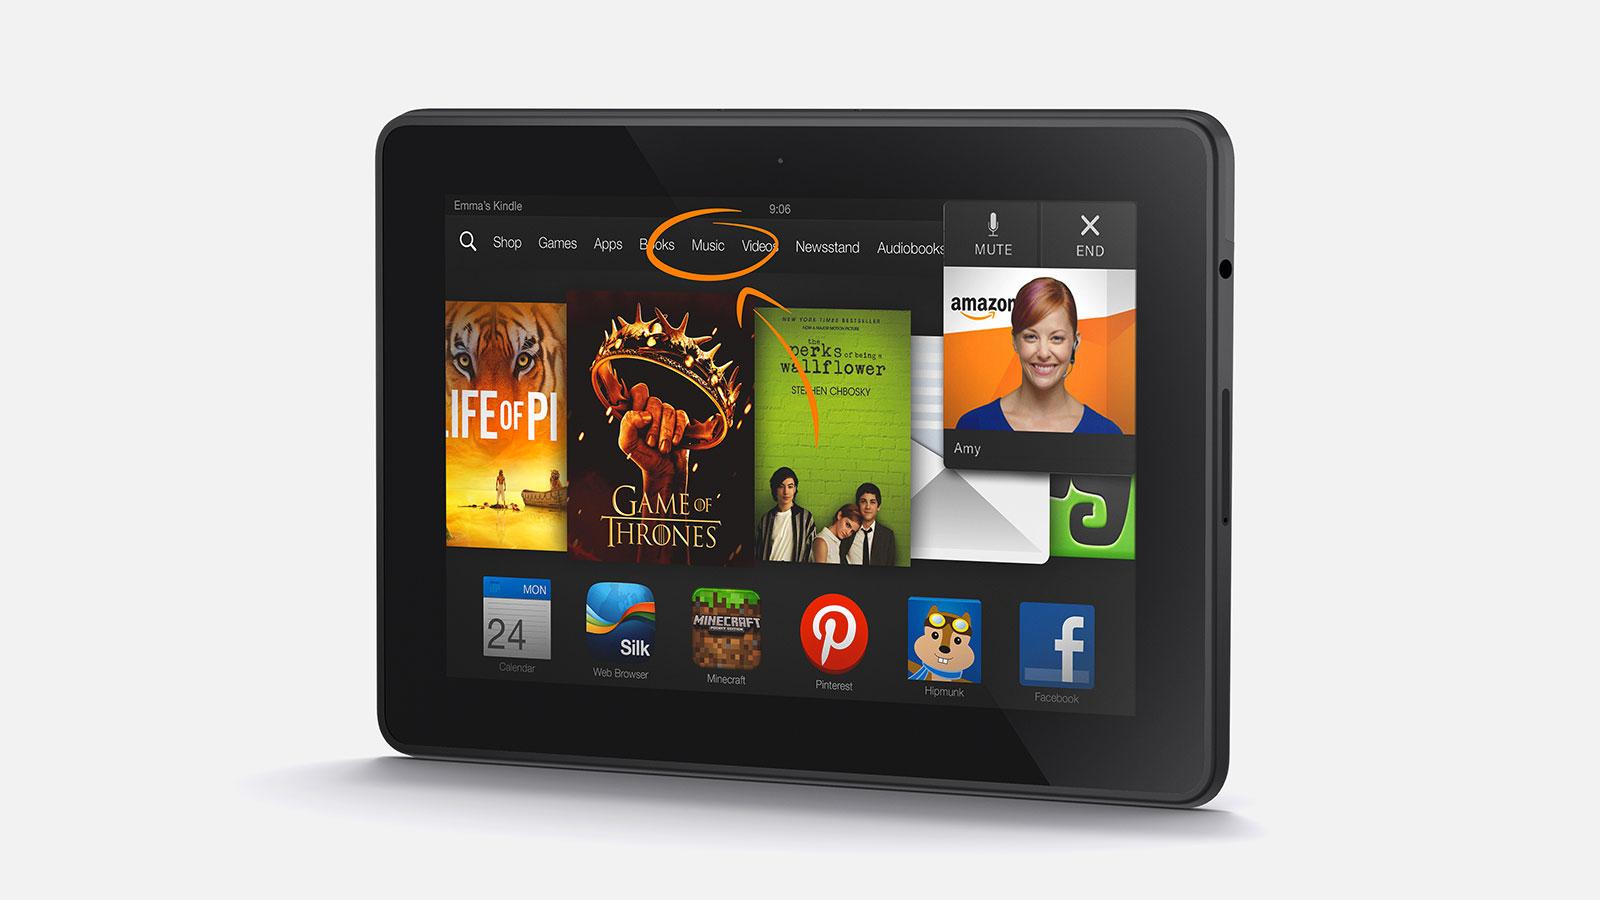 Nieuwe Kindle Fire HDX van Amazon heeft superscherm 1600x900